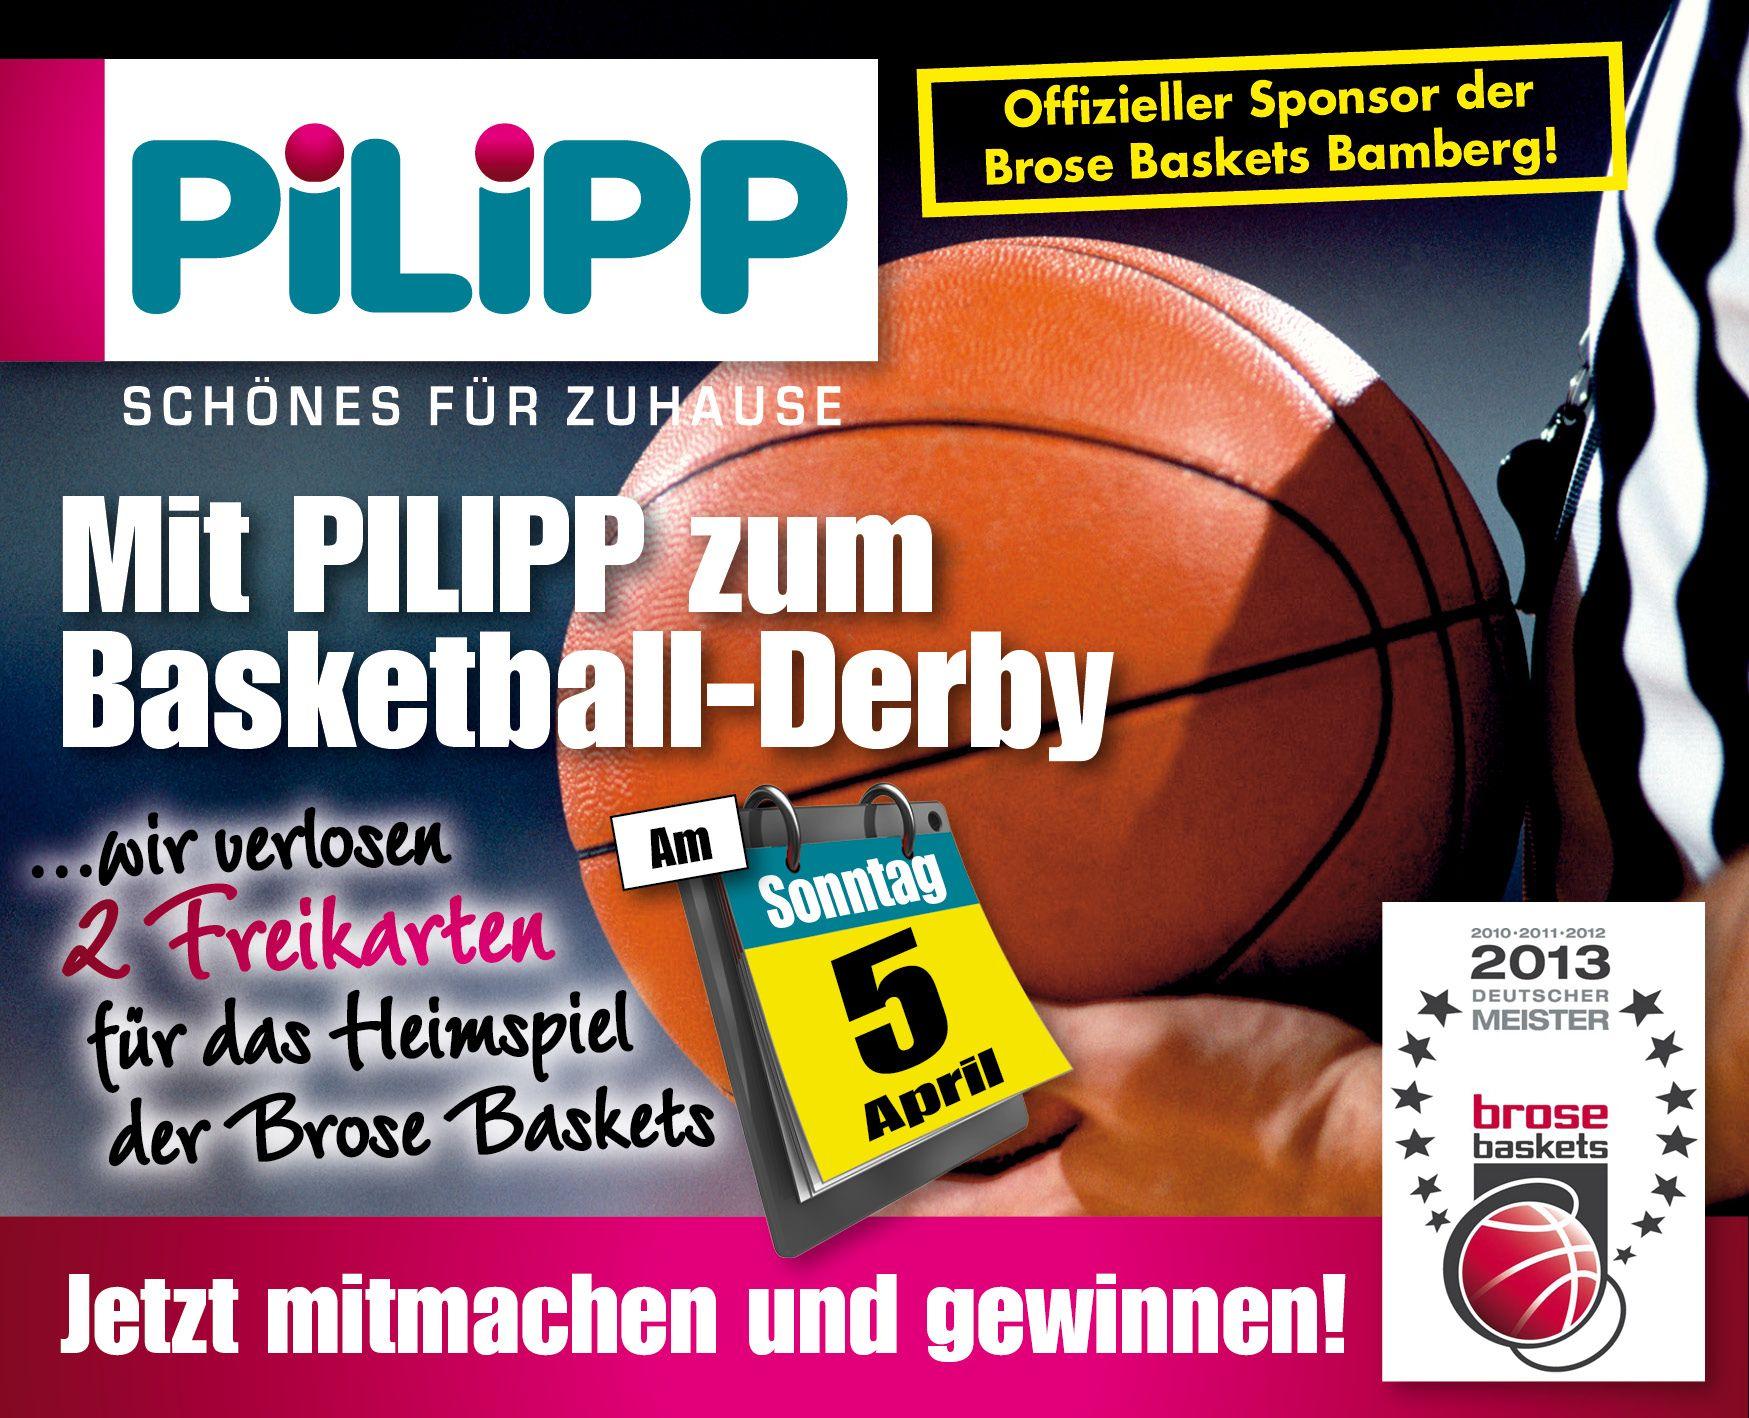 Mit PILIPP zum Basketball-Derby!   Link zum Gewinnspiel auf der PILIPP-Facebook-Seite: https://www.facebook.com/moebel.pilipp/photos/a.208250995883792.54309.164085870300305/878351192207099/?type=1&theater